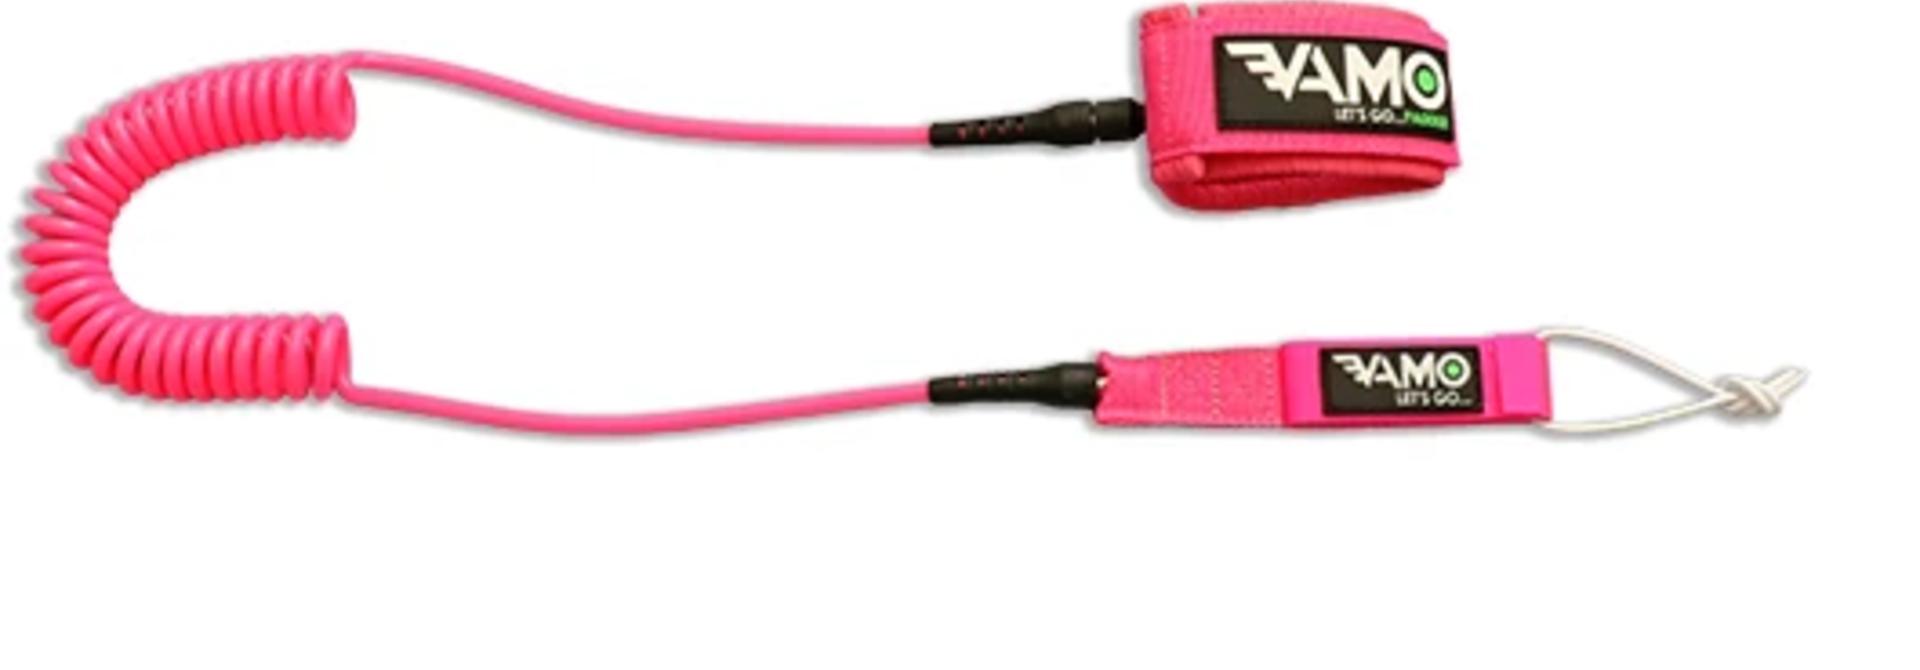 Vamo 10' Hybrid Coiled Leash